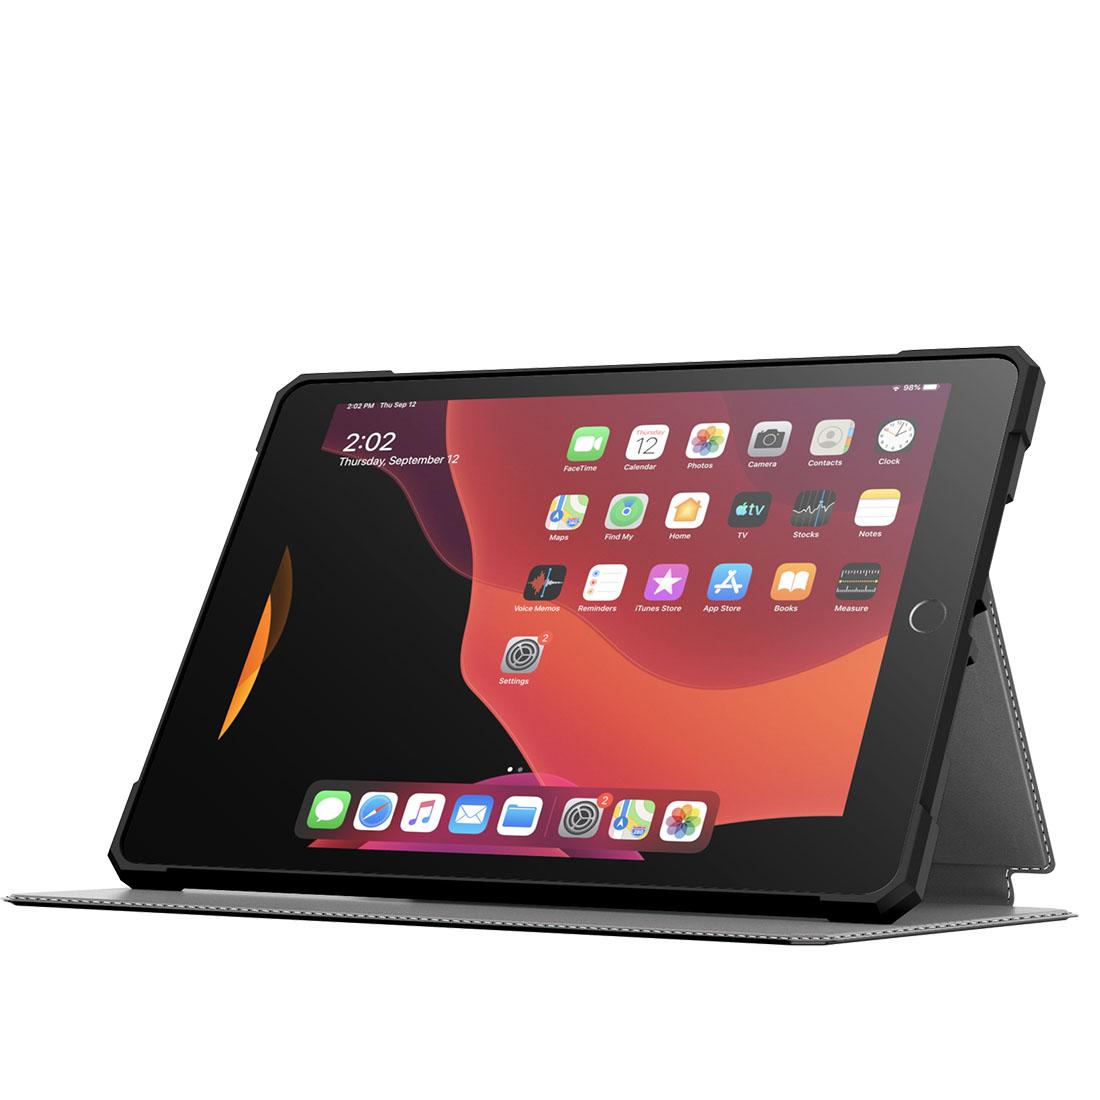 Capa Premium Anti Impacto iPad 7 10.2 pol 2019 A2197 e A2200 com Função Wake Sleep